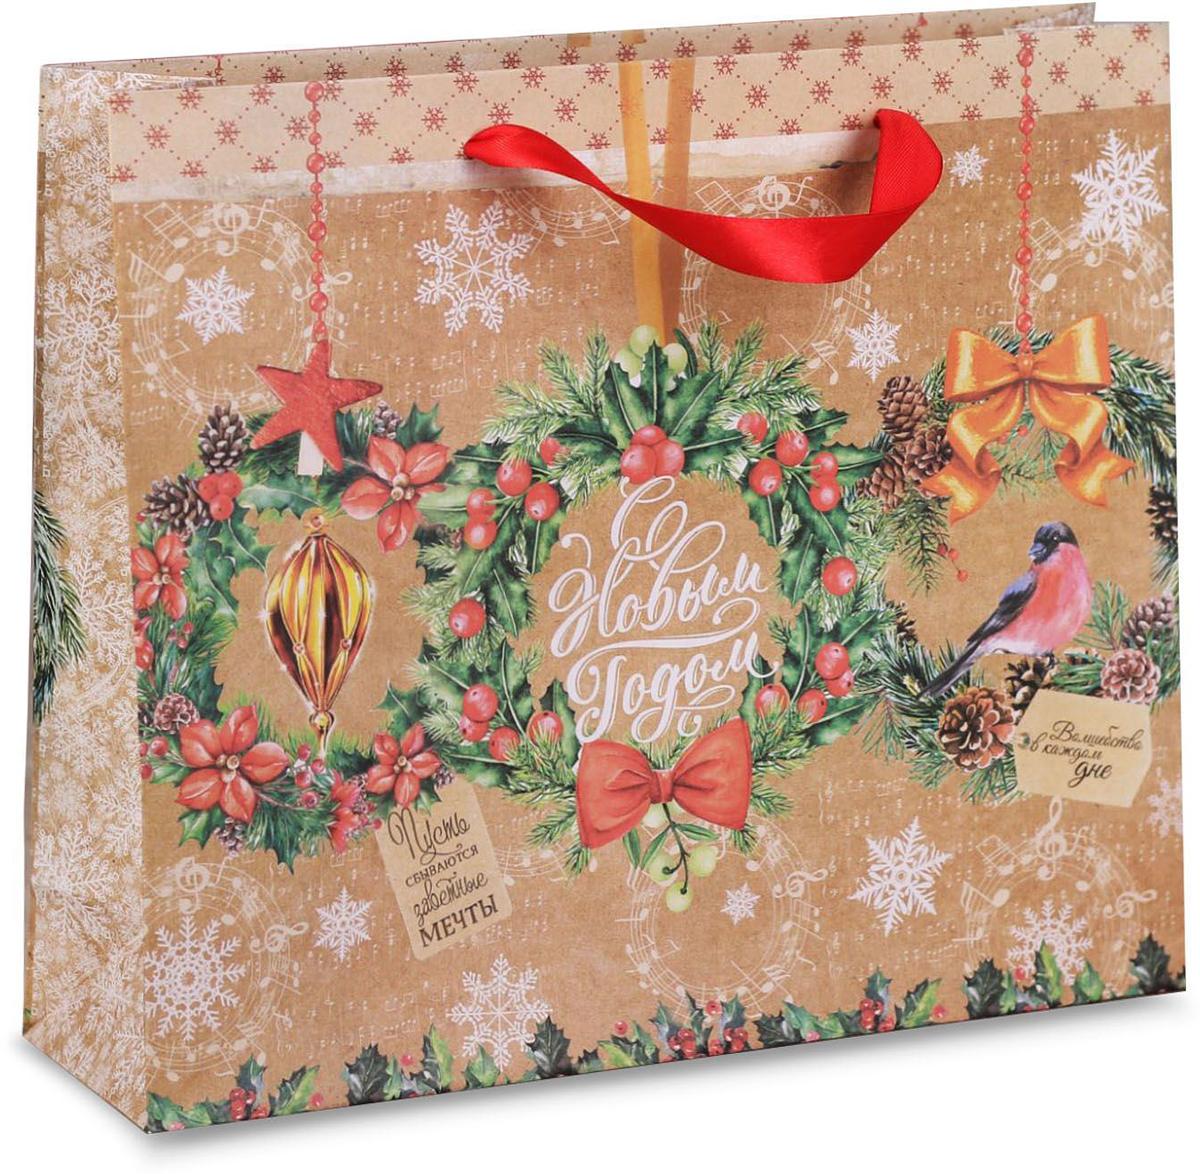 Пакет подарочный Дарите Счастье Пусть сбываются мечты, горизонтальный крафт, 23 х 18 х 8 см . 21252125Привлекательная упаковка послужит достойным украшением любого, даже самого скромного подарка. Она поможет создать интригу и продлить время предвкушения чуда - момента, когда презент окажется в руках адресата. Подарочный пакет Дарите Счастье Пусть сбываются мечты имеет яркий, оригинальный дизайн, который обязательно понравится получателю! Изделие выполнено из плотной крафтовой бумаги, благодаря чему обеспечит надёжную защиту содержимого.Размер: 23 х 18 х 8 см.